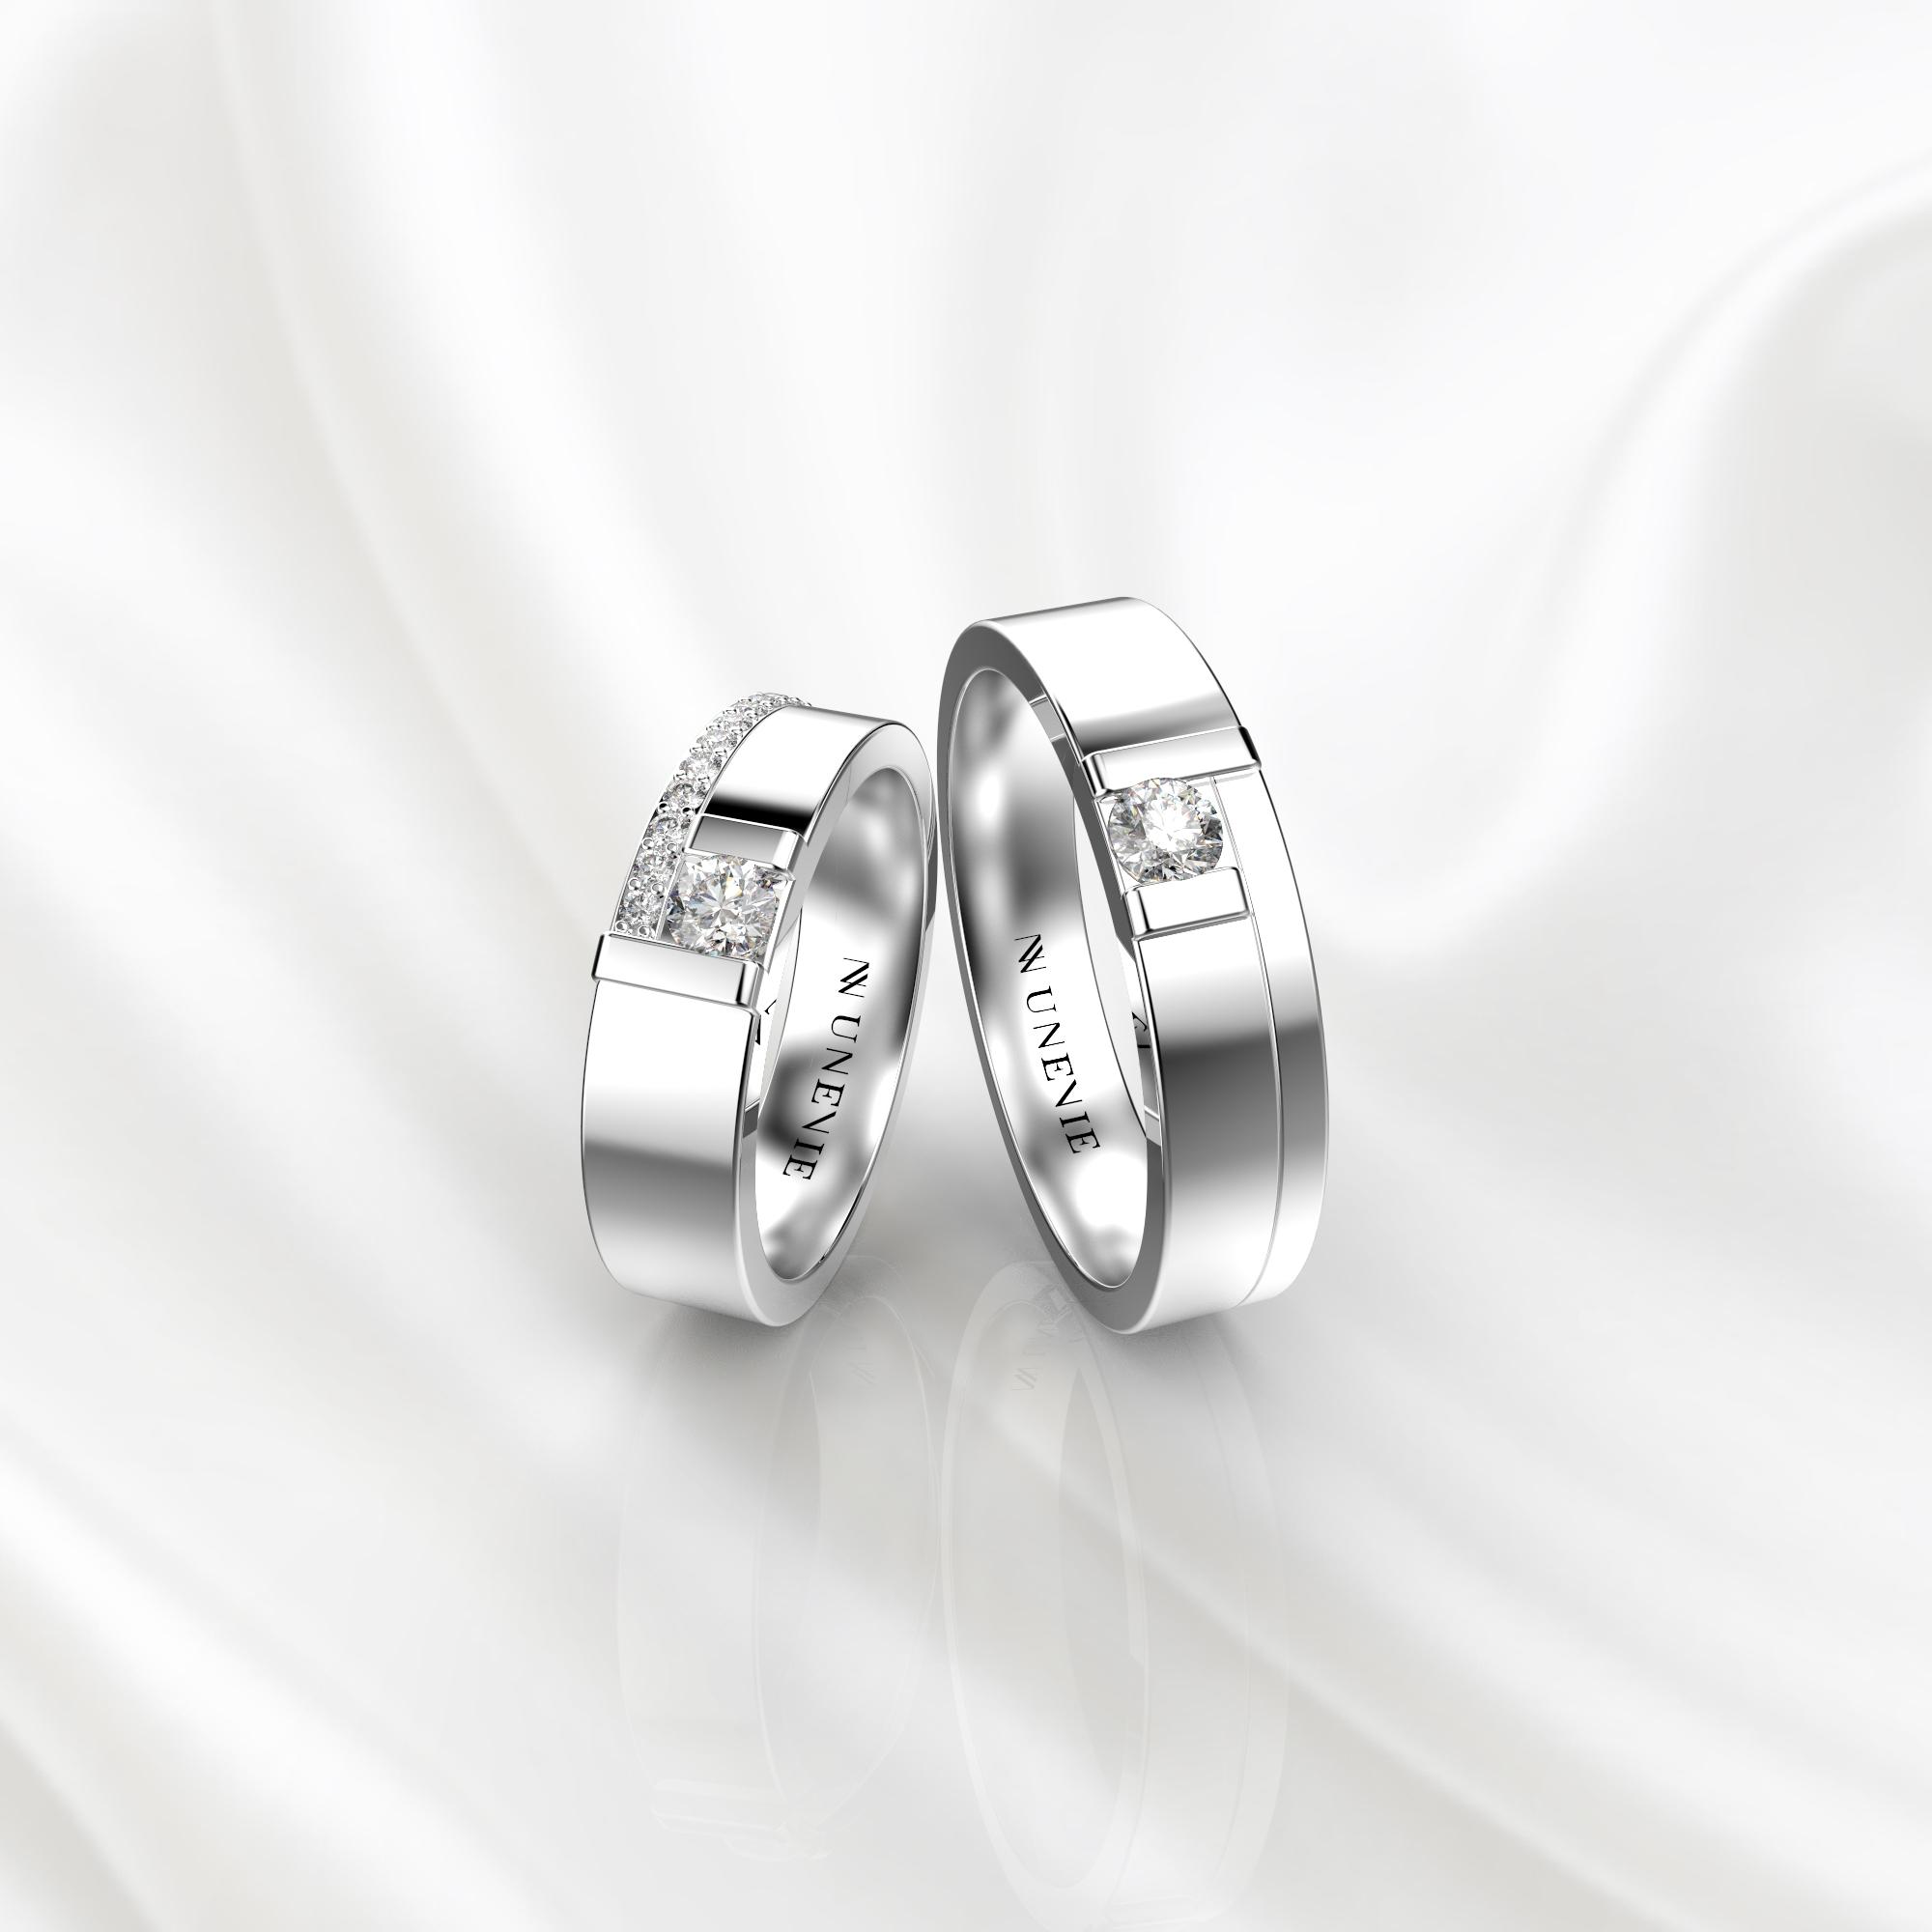 NV71 Парные обручальные кольца из белого золота с бриллиантами